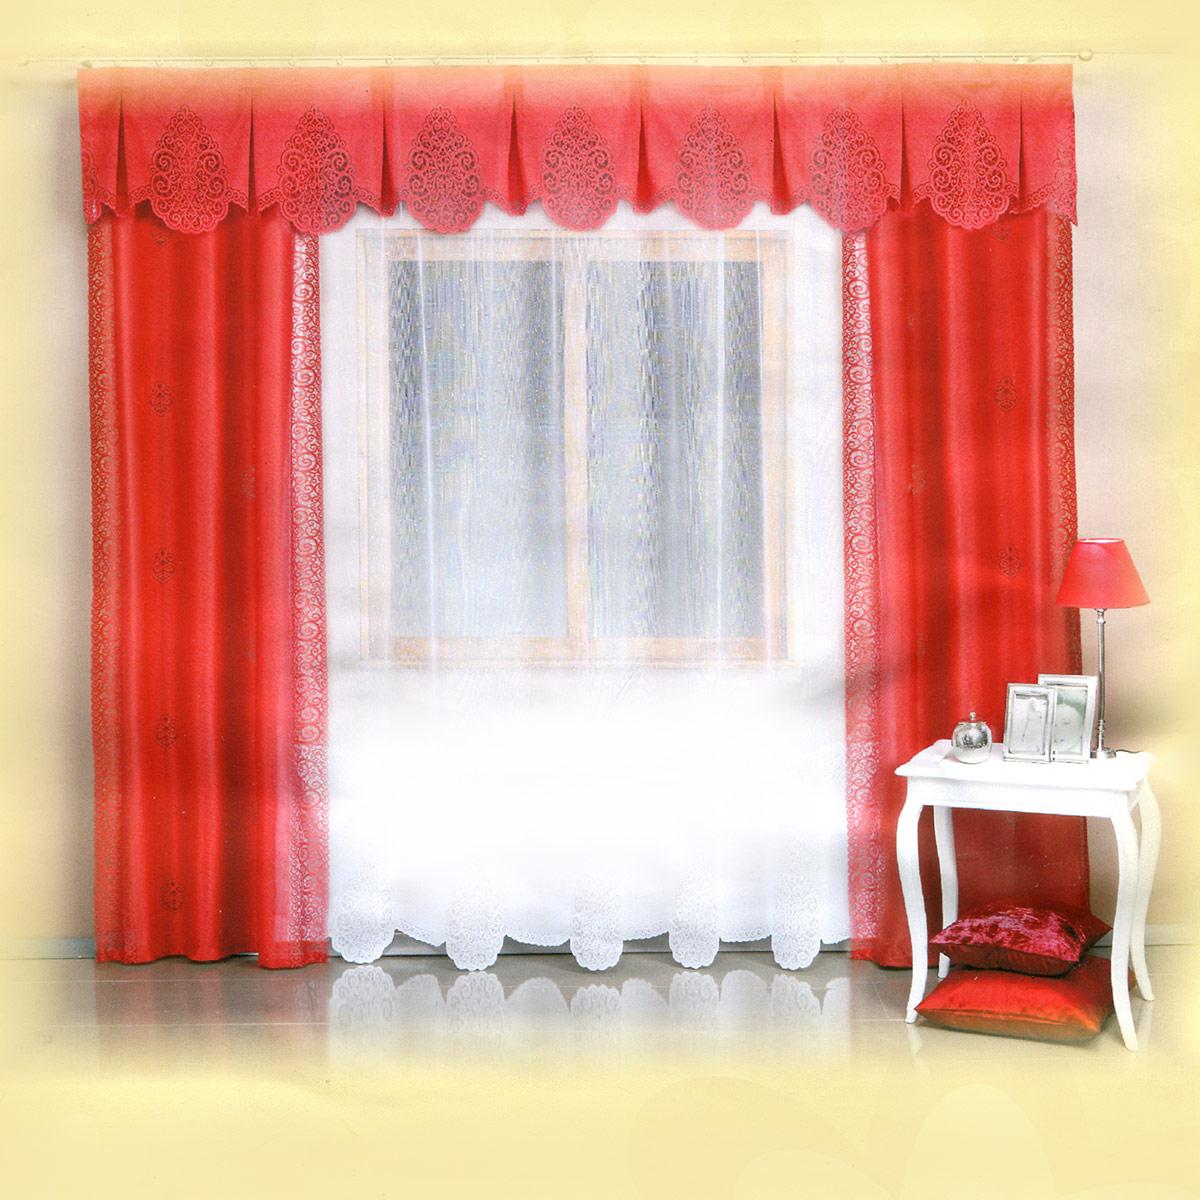 Комплект штор Wisan Wita, на ленте, цвет: алый, белый, высота 250 см5997 тюль - белая, шторы алыеРоскошный комплект штор Wisan Wita, выполненный из полиэстера, великолепно украсит любое окно. Комплект состоит из двух штор, тюля и ламбрекена. Шторы выполнены из полиэстера и декорированы ажурными вставками. Тюль с фигурными ажурными краями выполнен из полупрозрачной ткани белого цвета. Фигурный ламбрекен выполнен из ажурной ткани. Нежная воздушная текстура, оригинальный дизайн и нежная цветовая гамма привлекут к себе внимание и органично впишутся в интерьер комнаты. Все предметы комплекта - на шторной ленте для собирания в сборки.